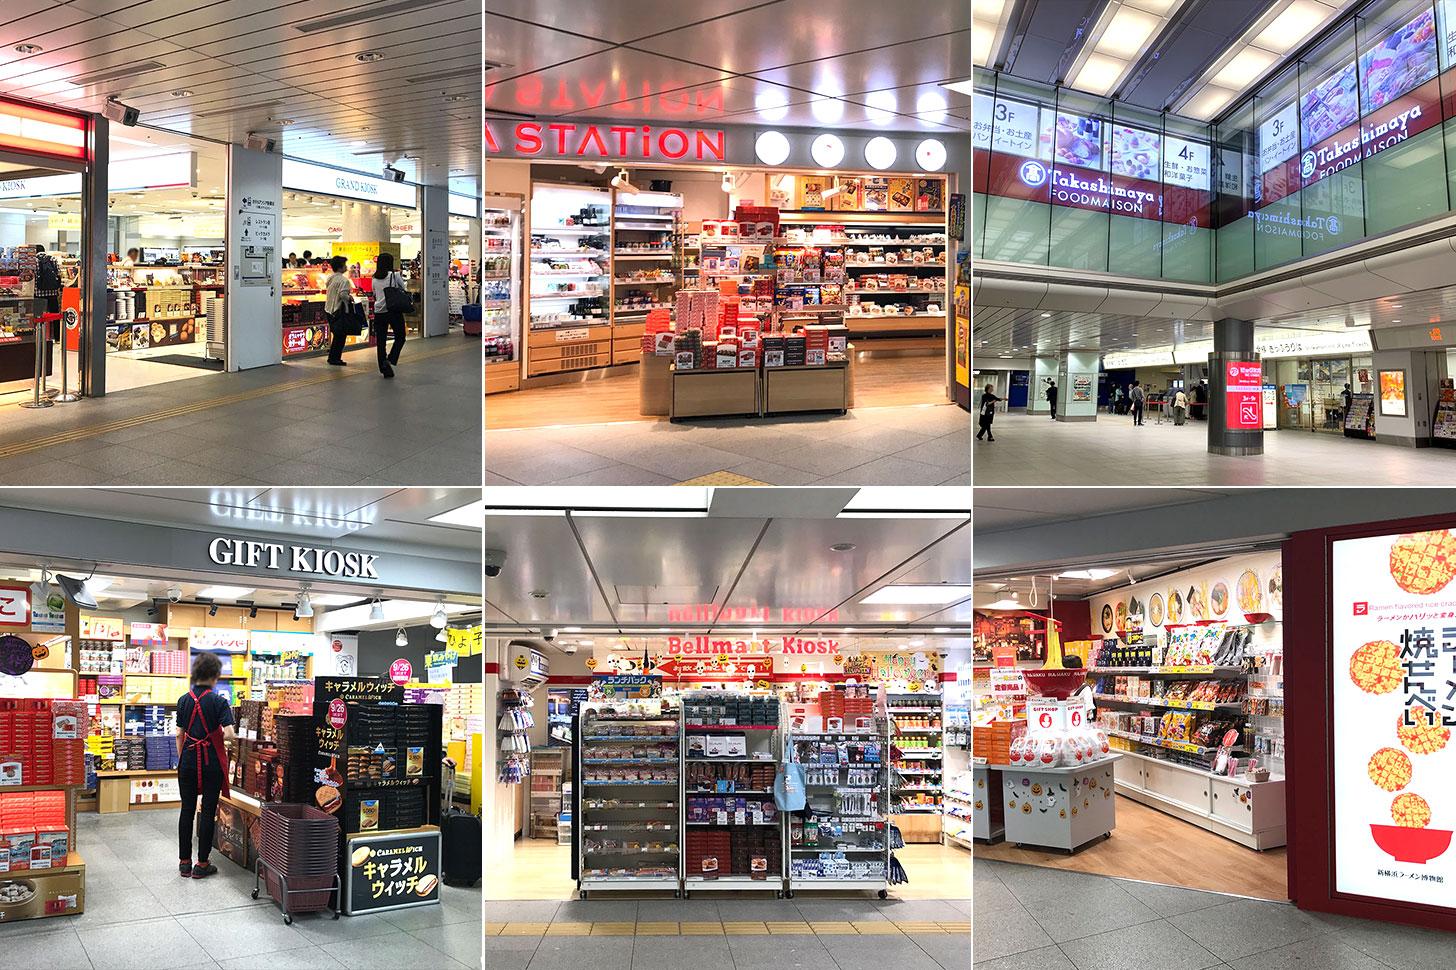 新横浜駅構内のお土産売り場(ショップ)と時間まとめ!改札内・改札外